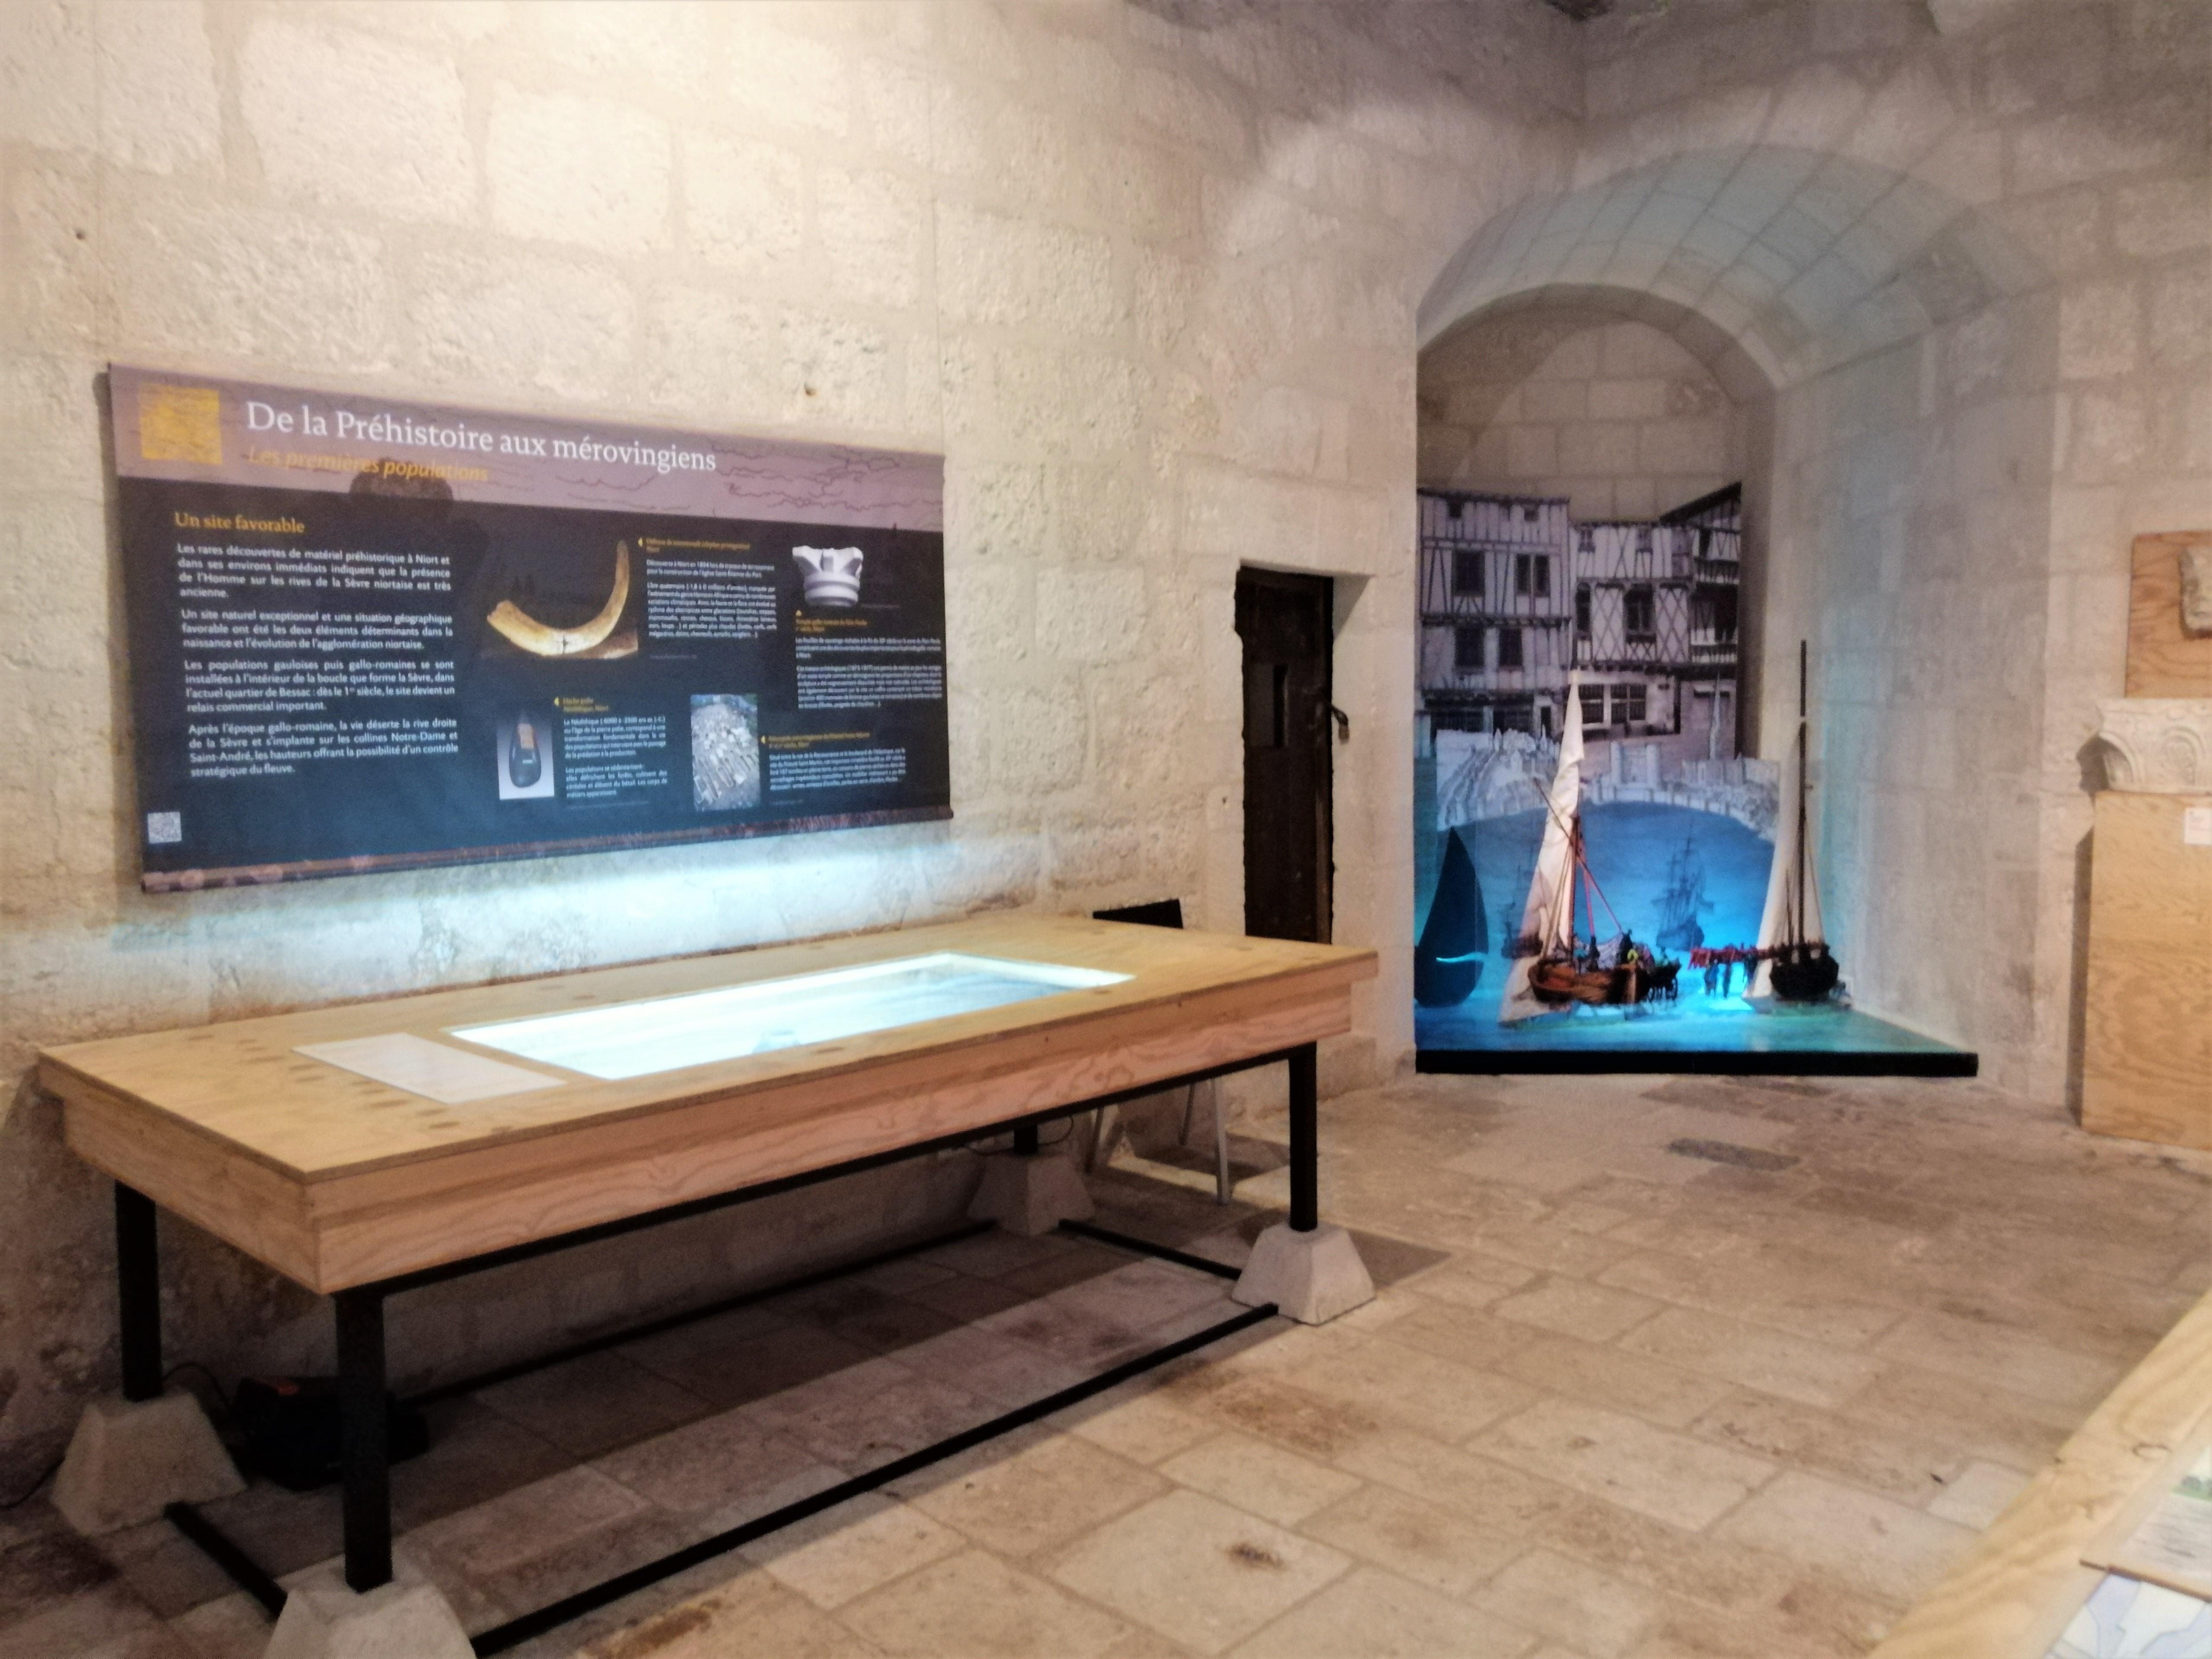 Salle intérieure du musée du donjon à Niort